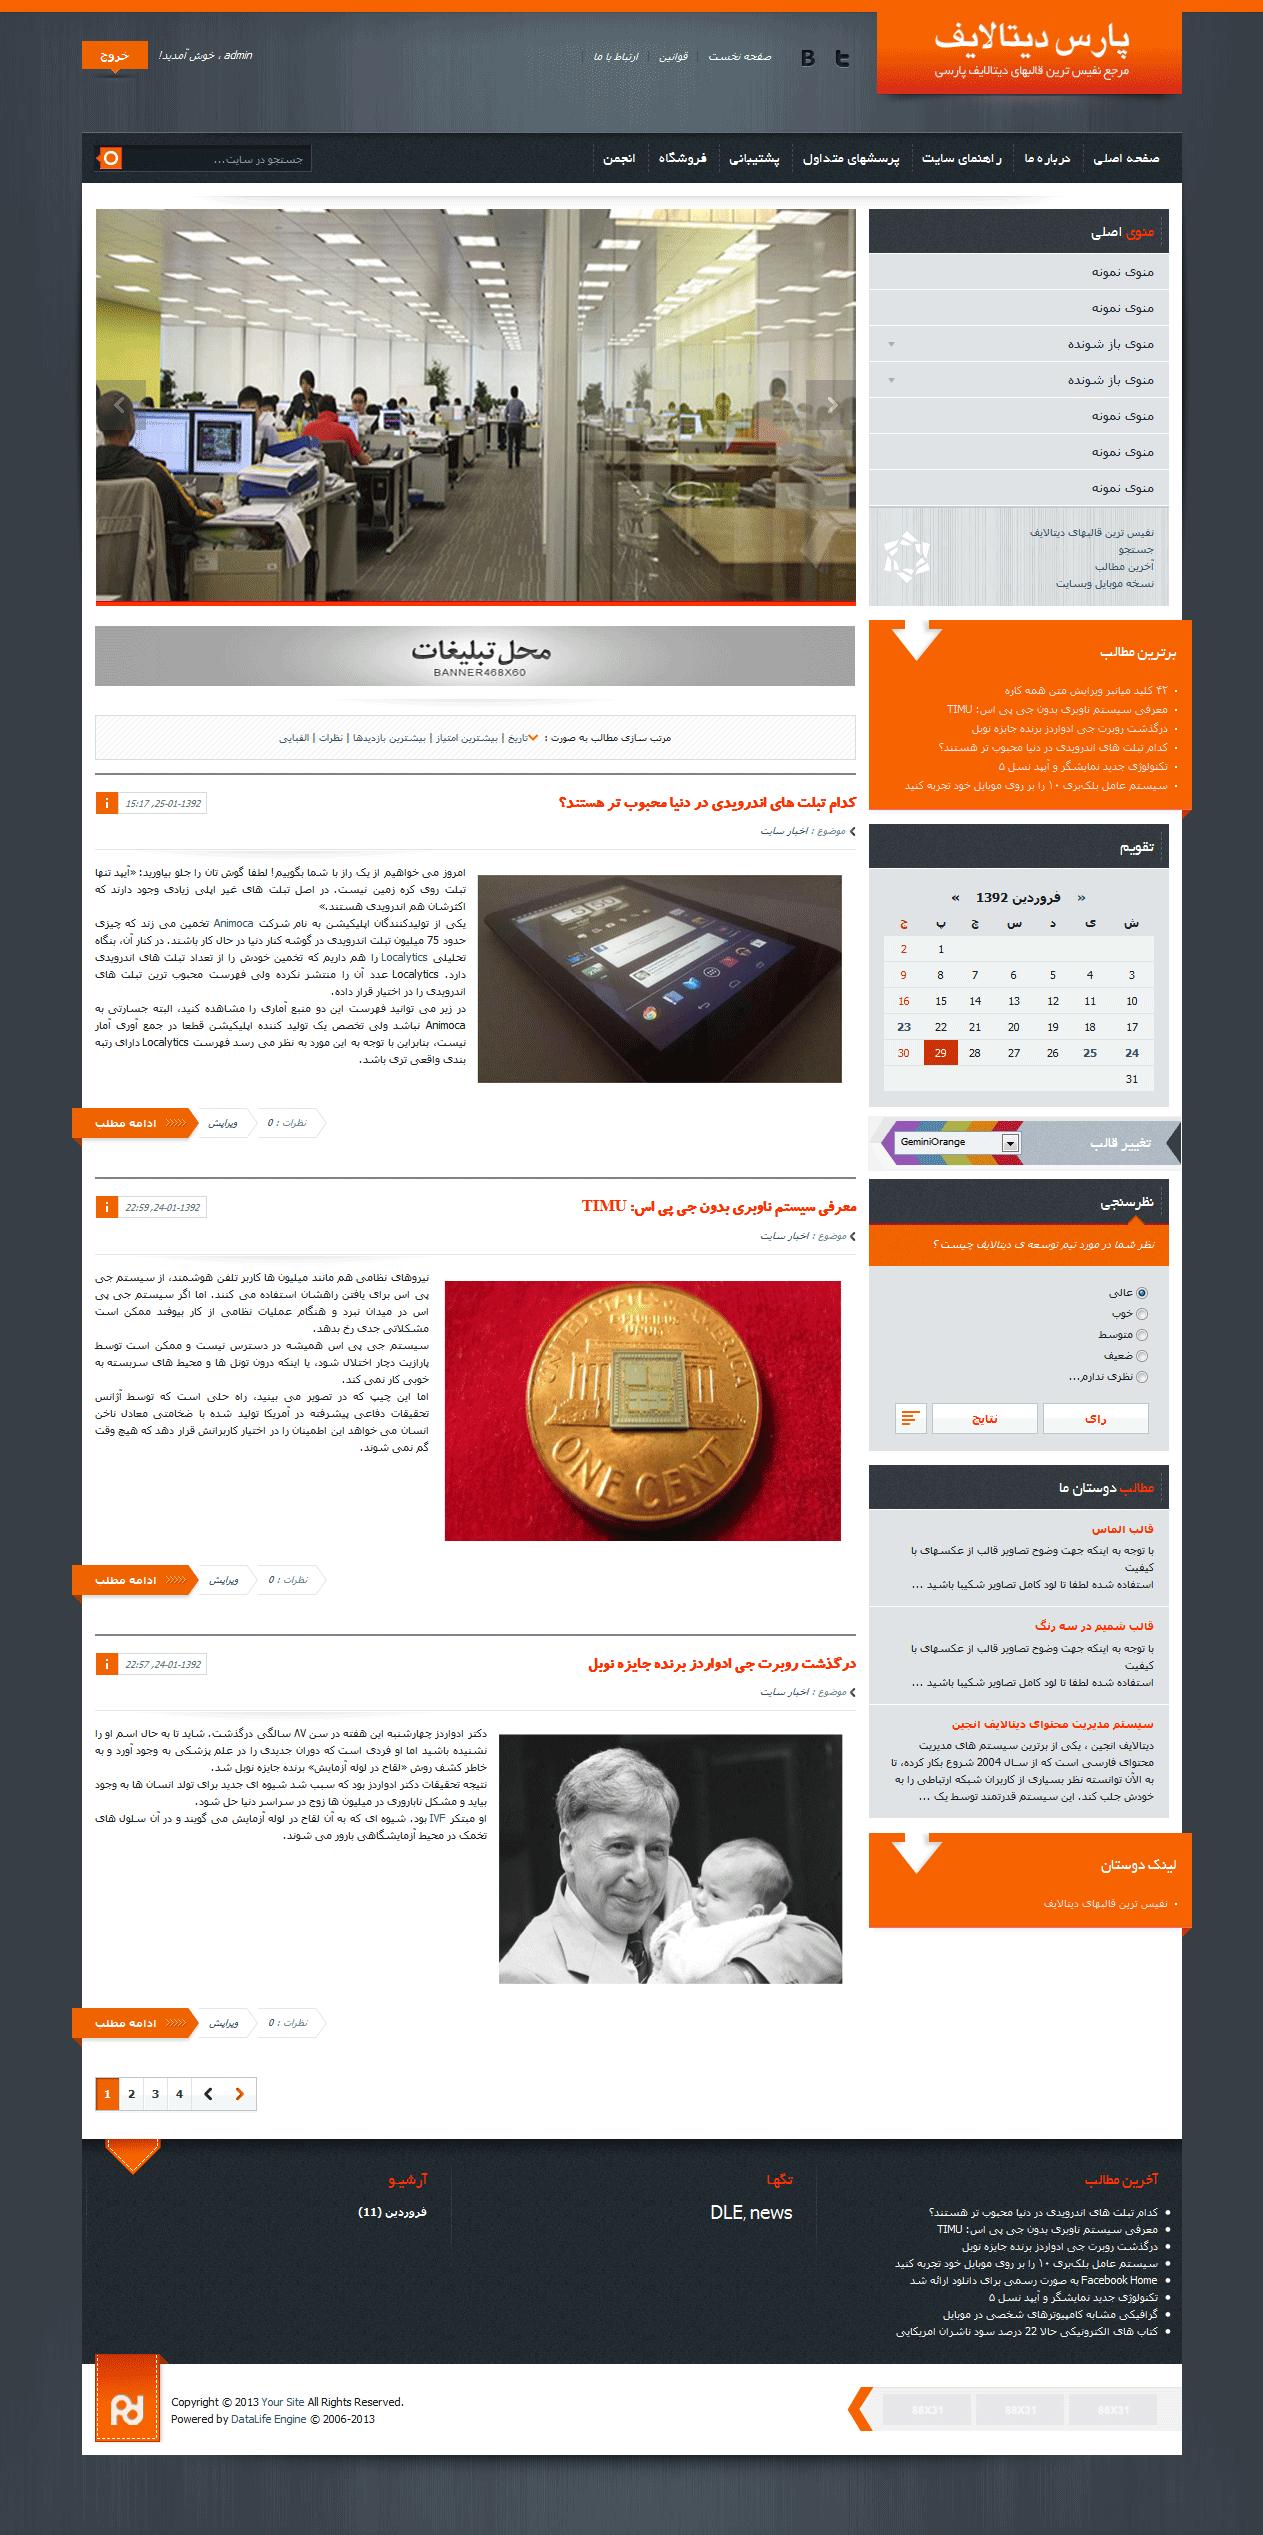 قالب رایگان دیتالایفقالب دیتالایف    نارنجی